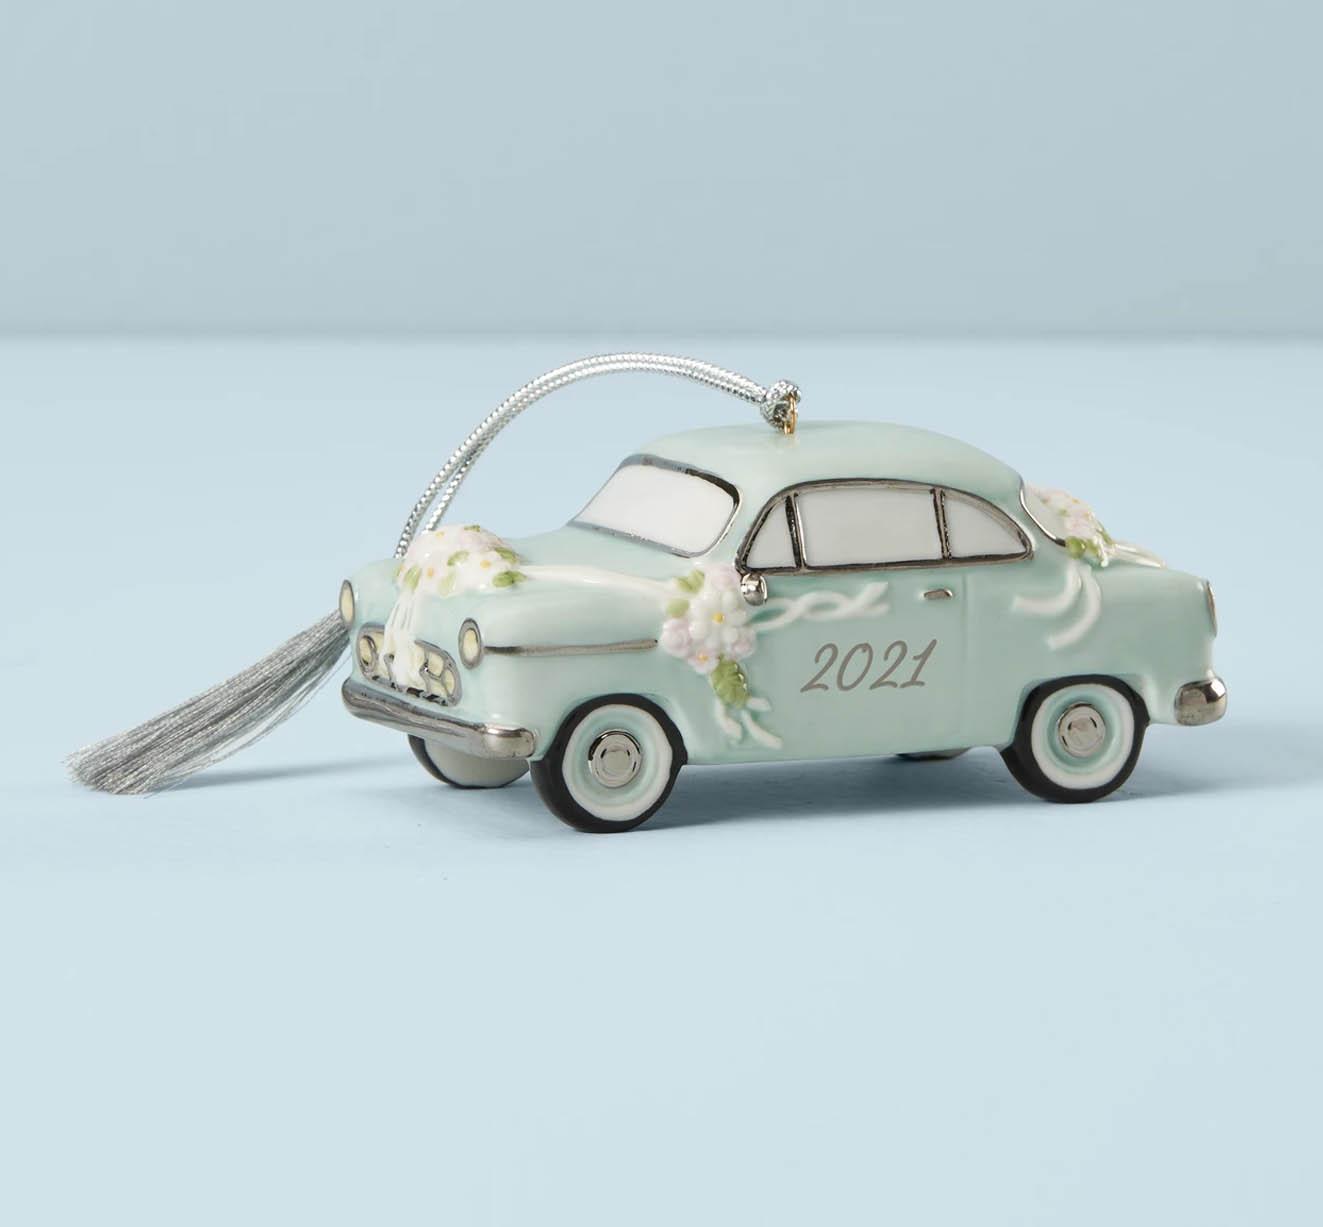 2021 car wedding ornament